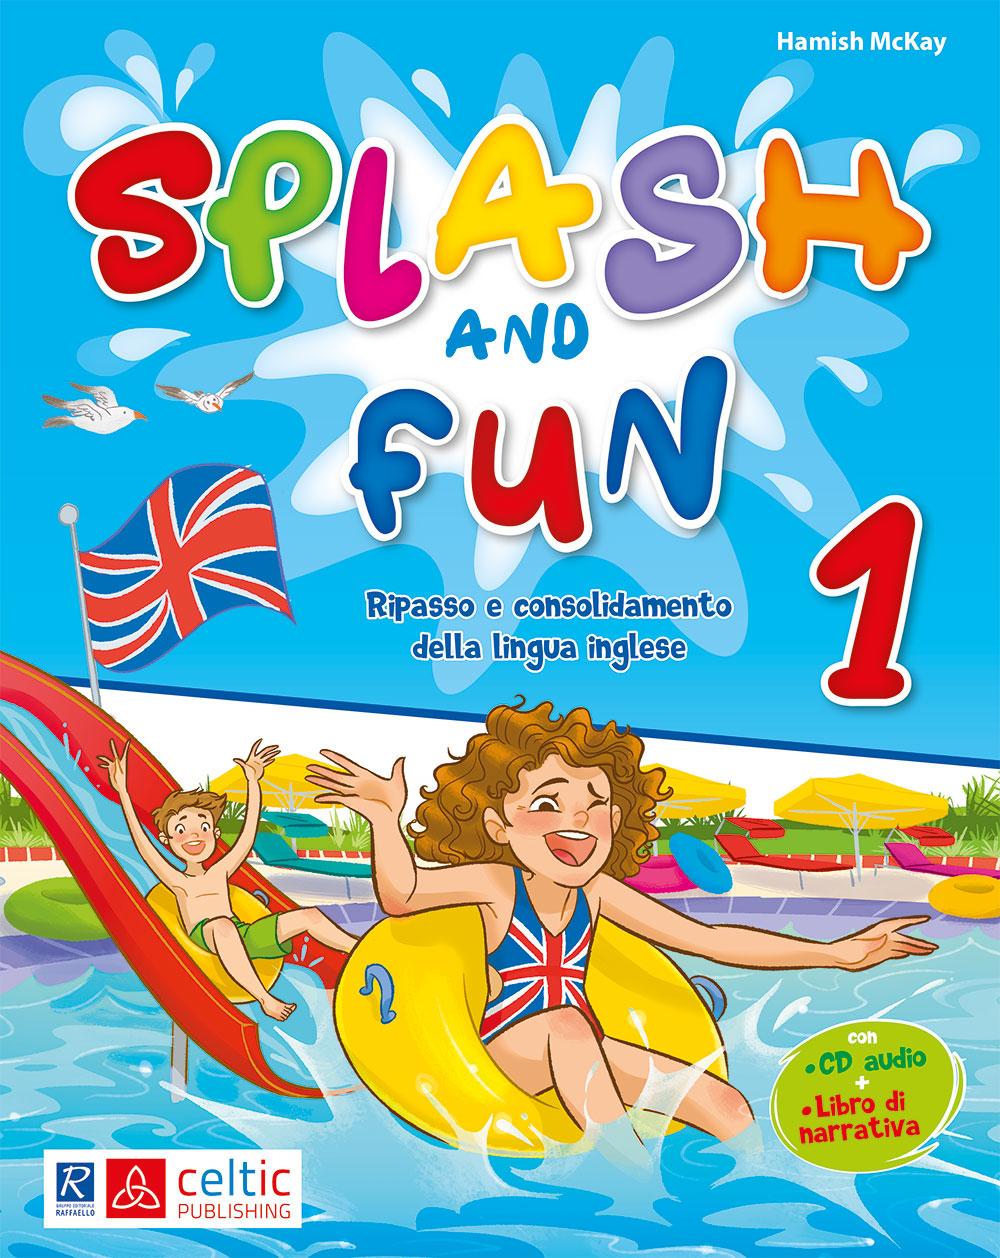 Splash and fun